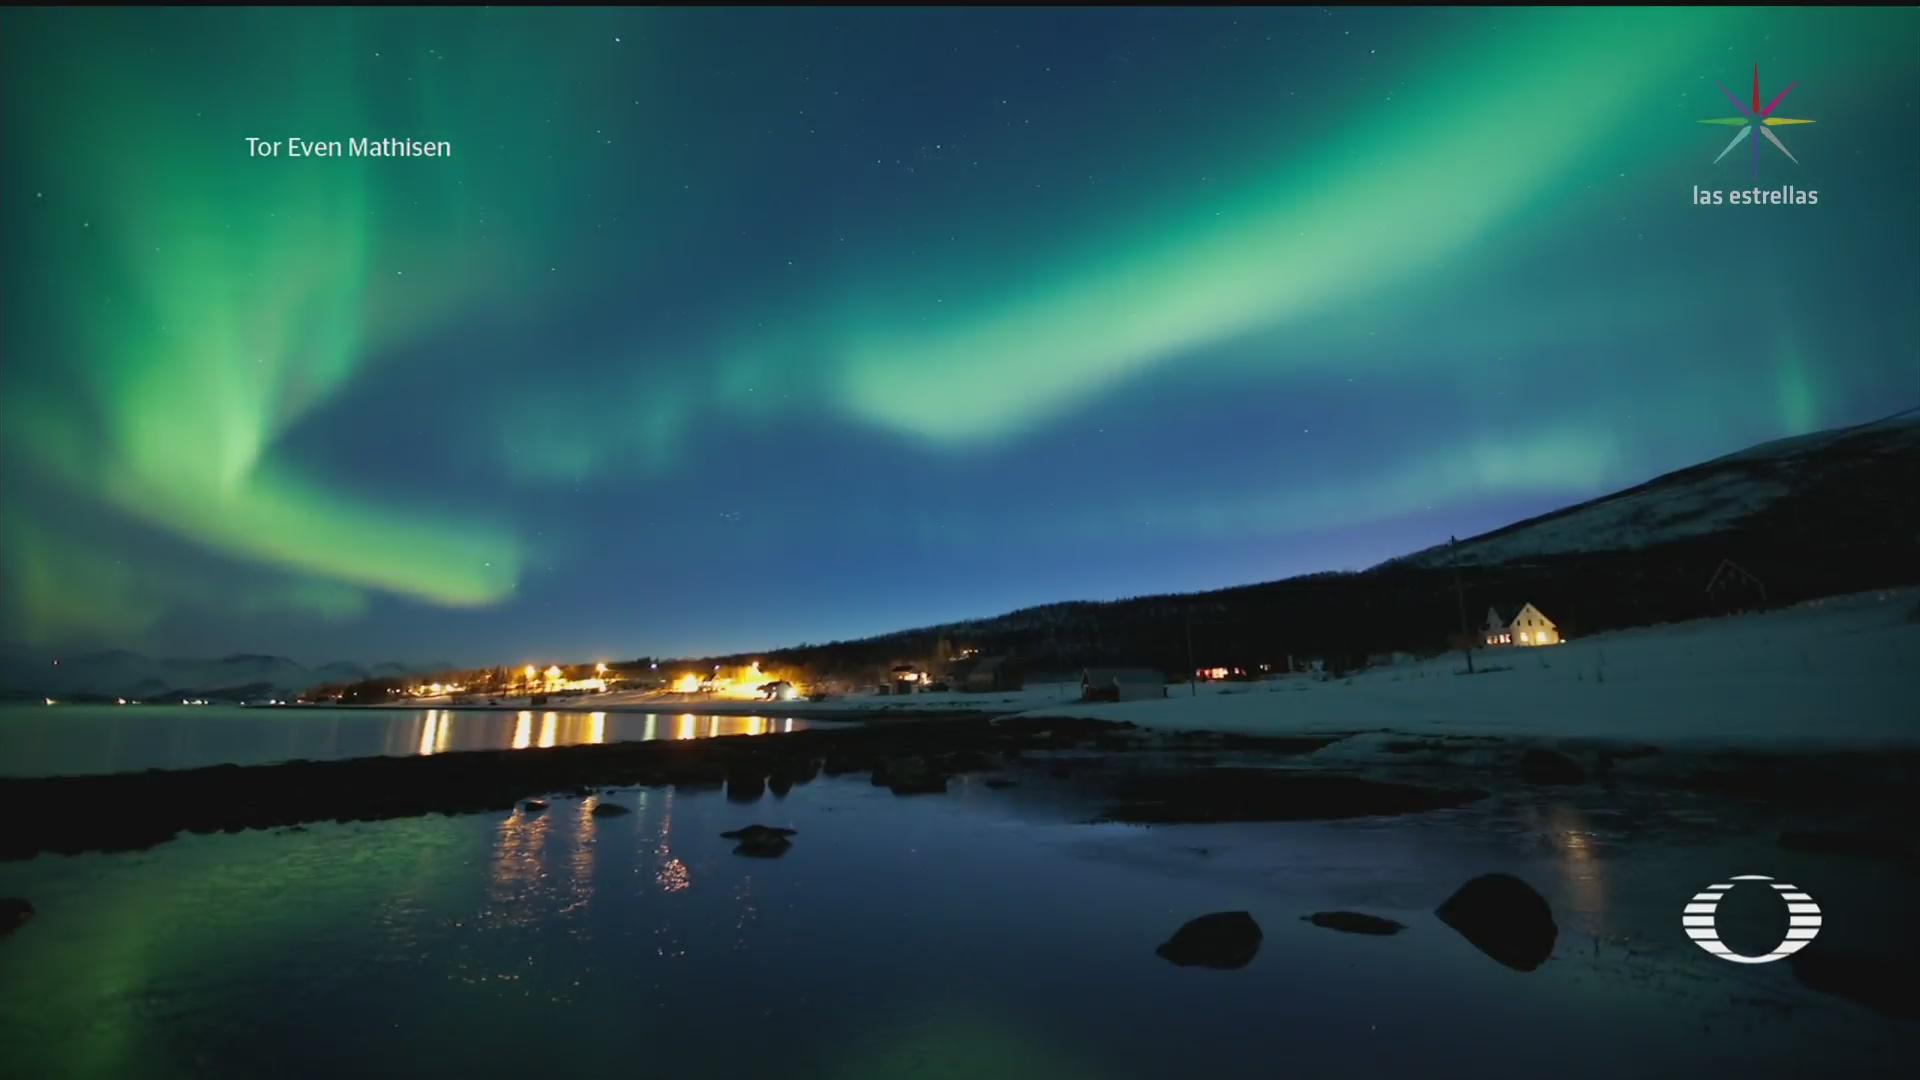 Foto: Dunas Nuevo Tipo Aurora Boreal 31 Enero 2020